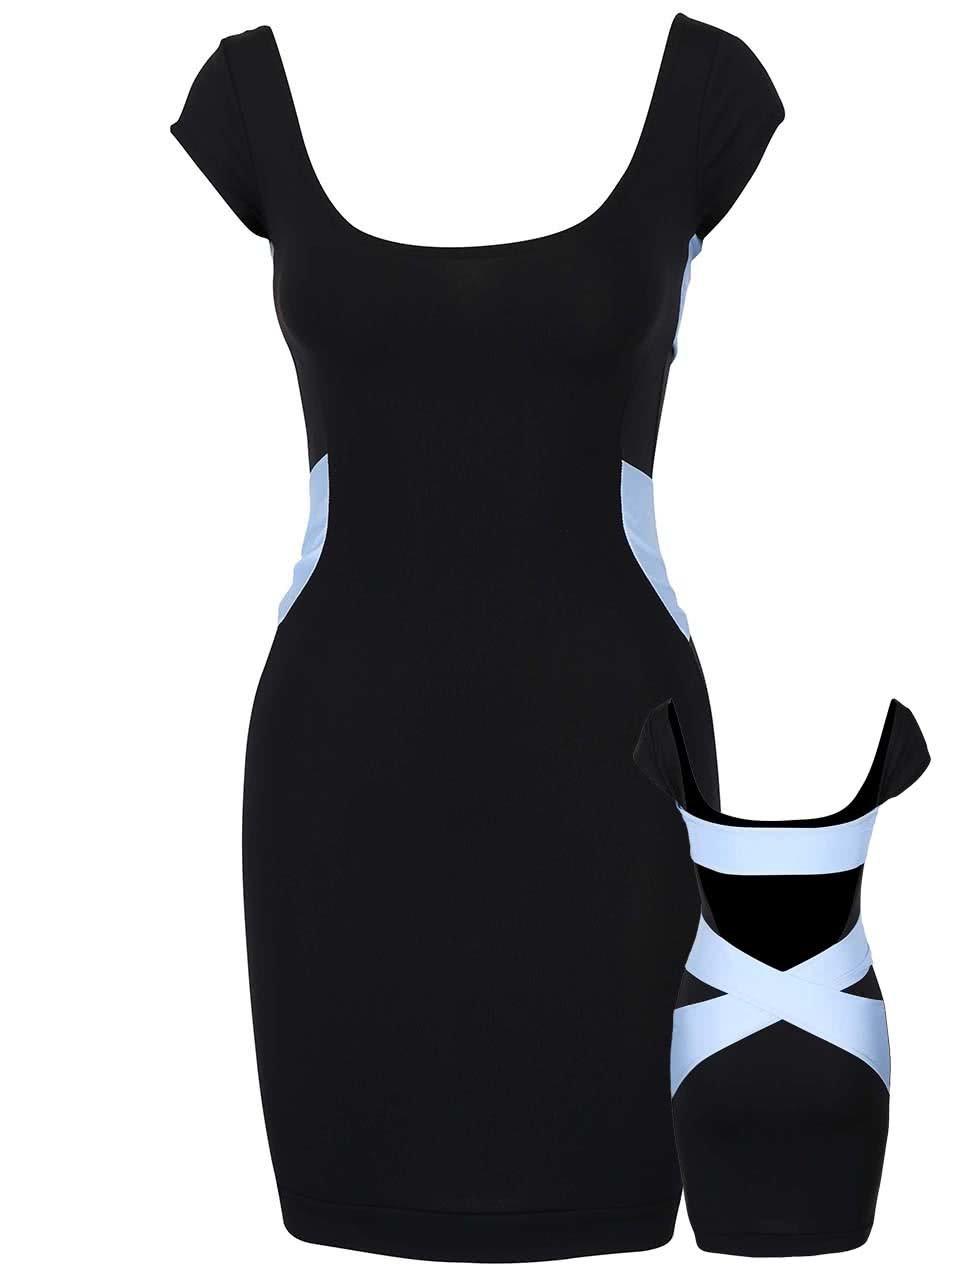 Modro-černé elastické šaty s volnými zády a ozdobnými pásy Quontum